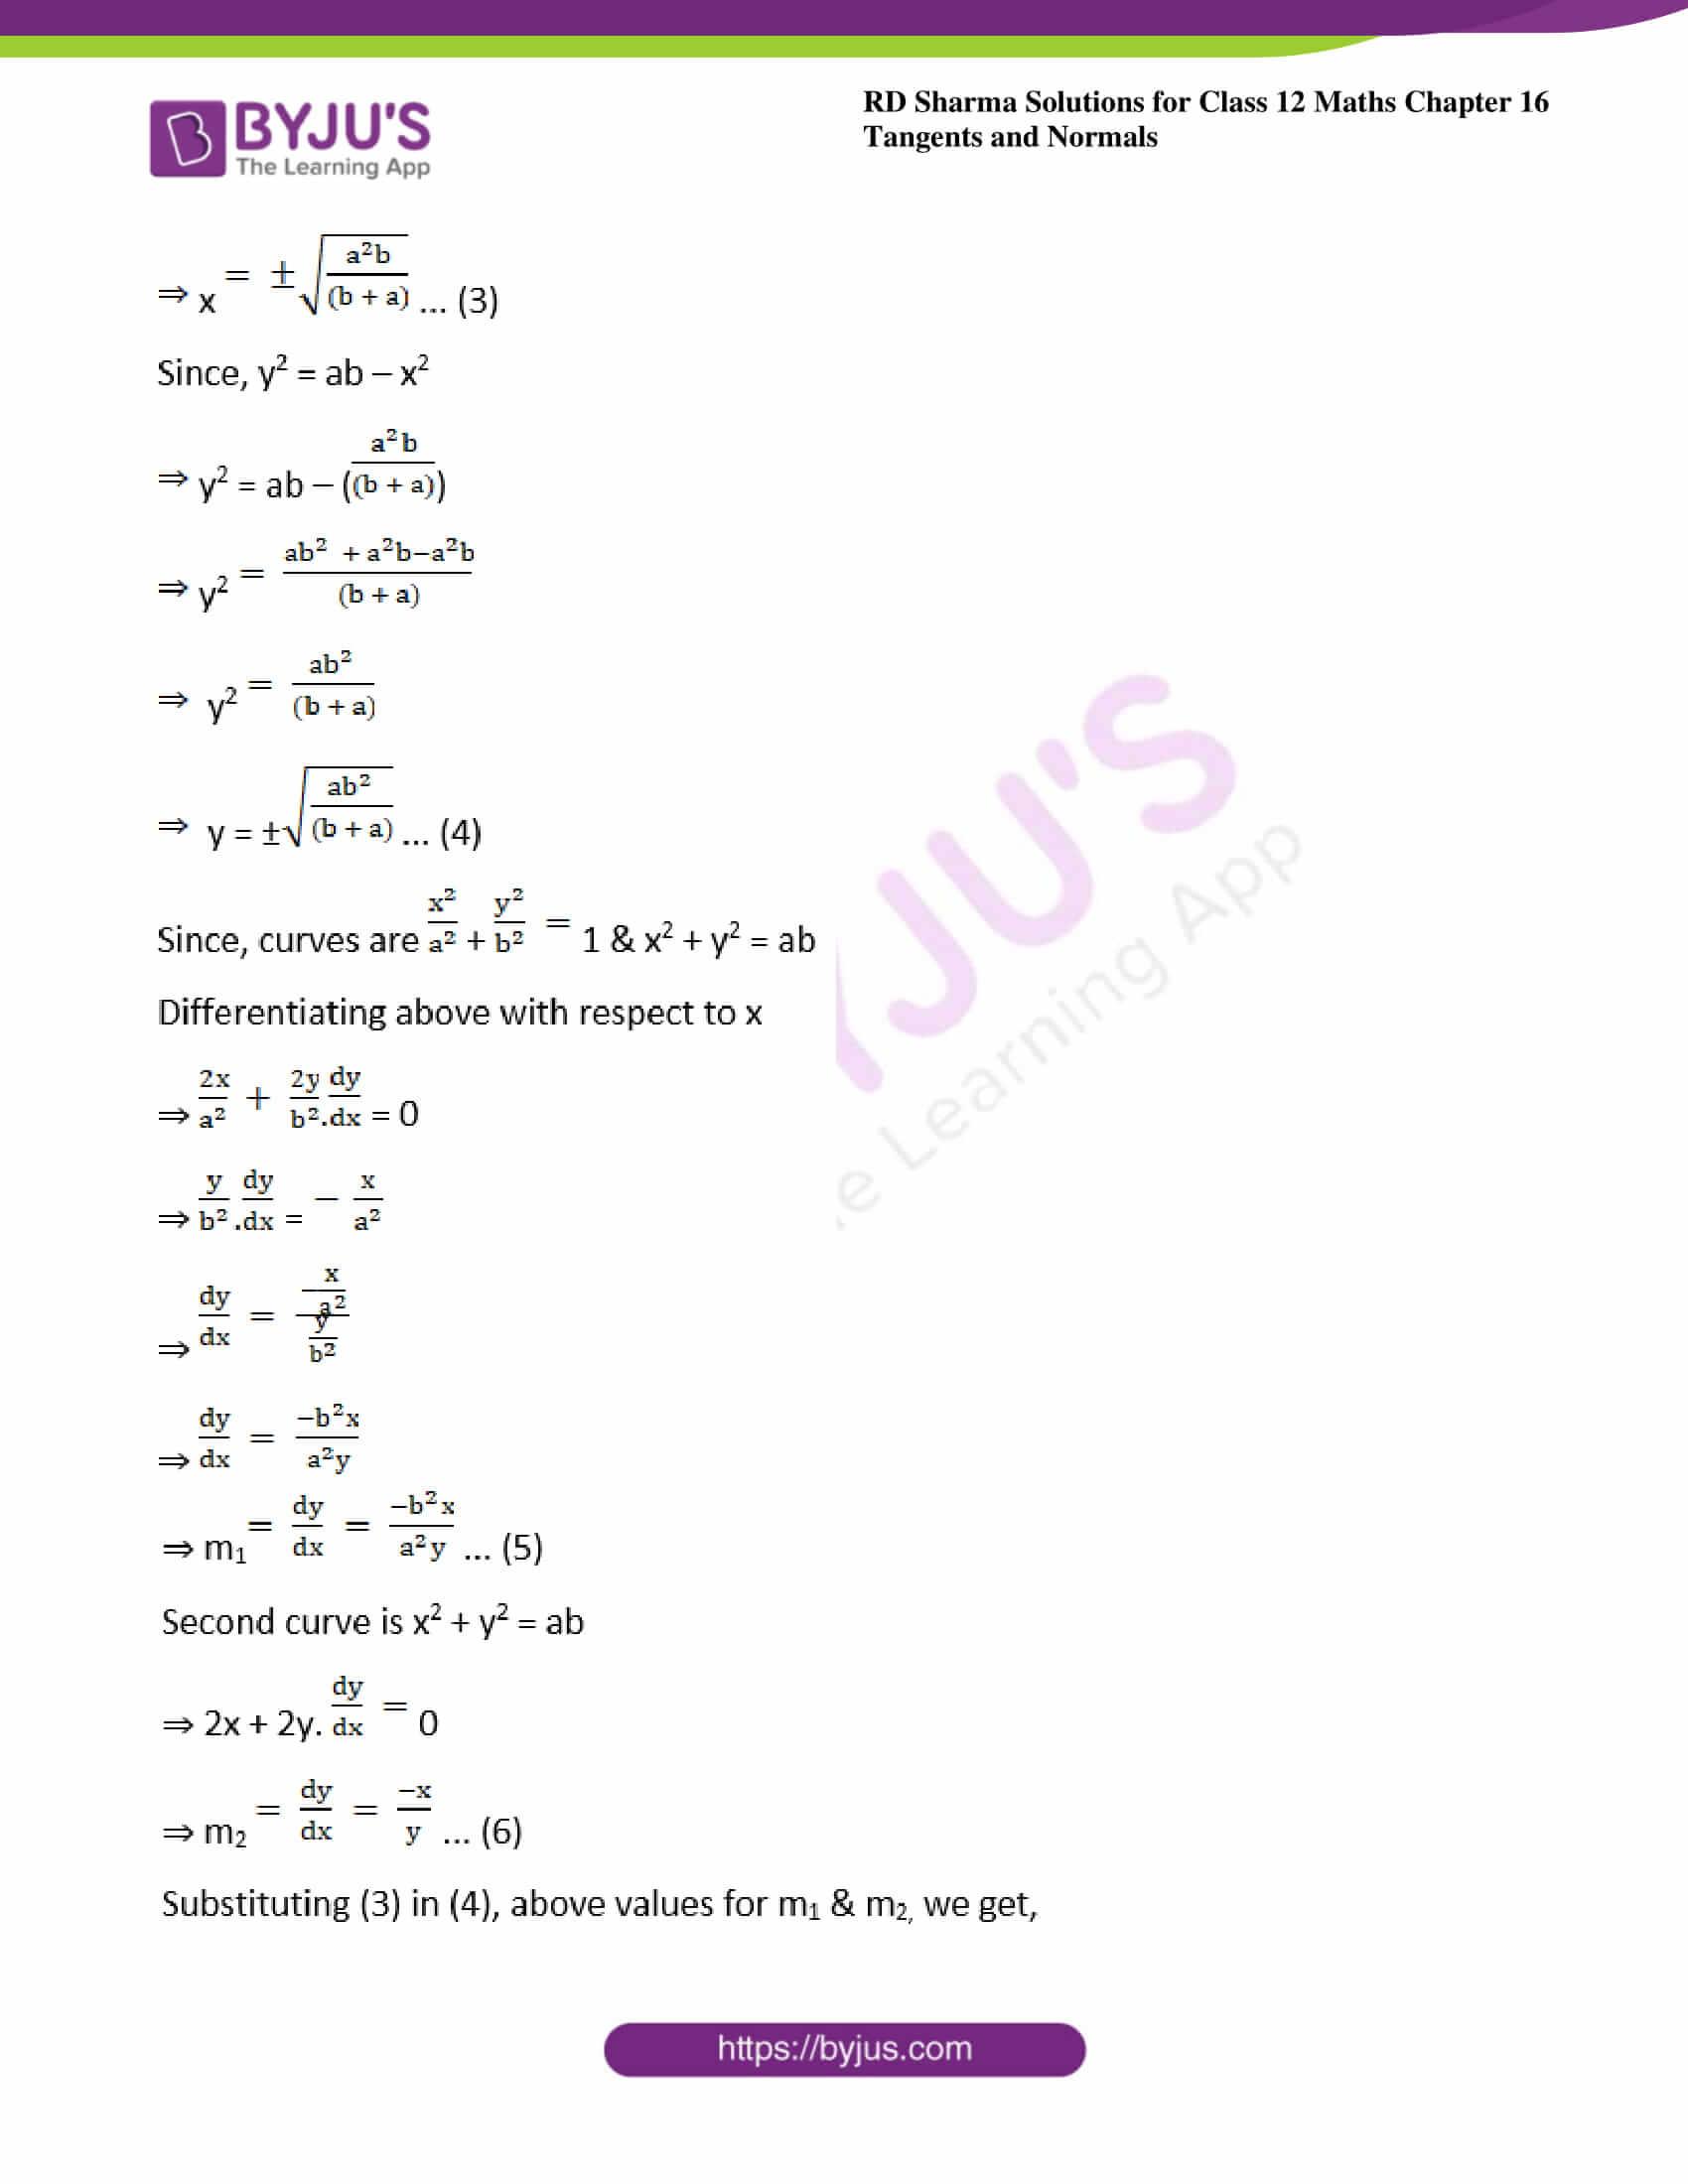 rd sharma class 12 maths solutions chapter 16 ex 3 11